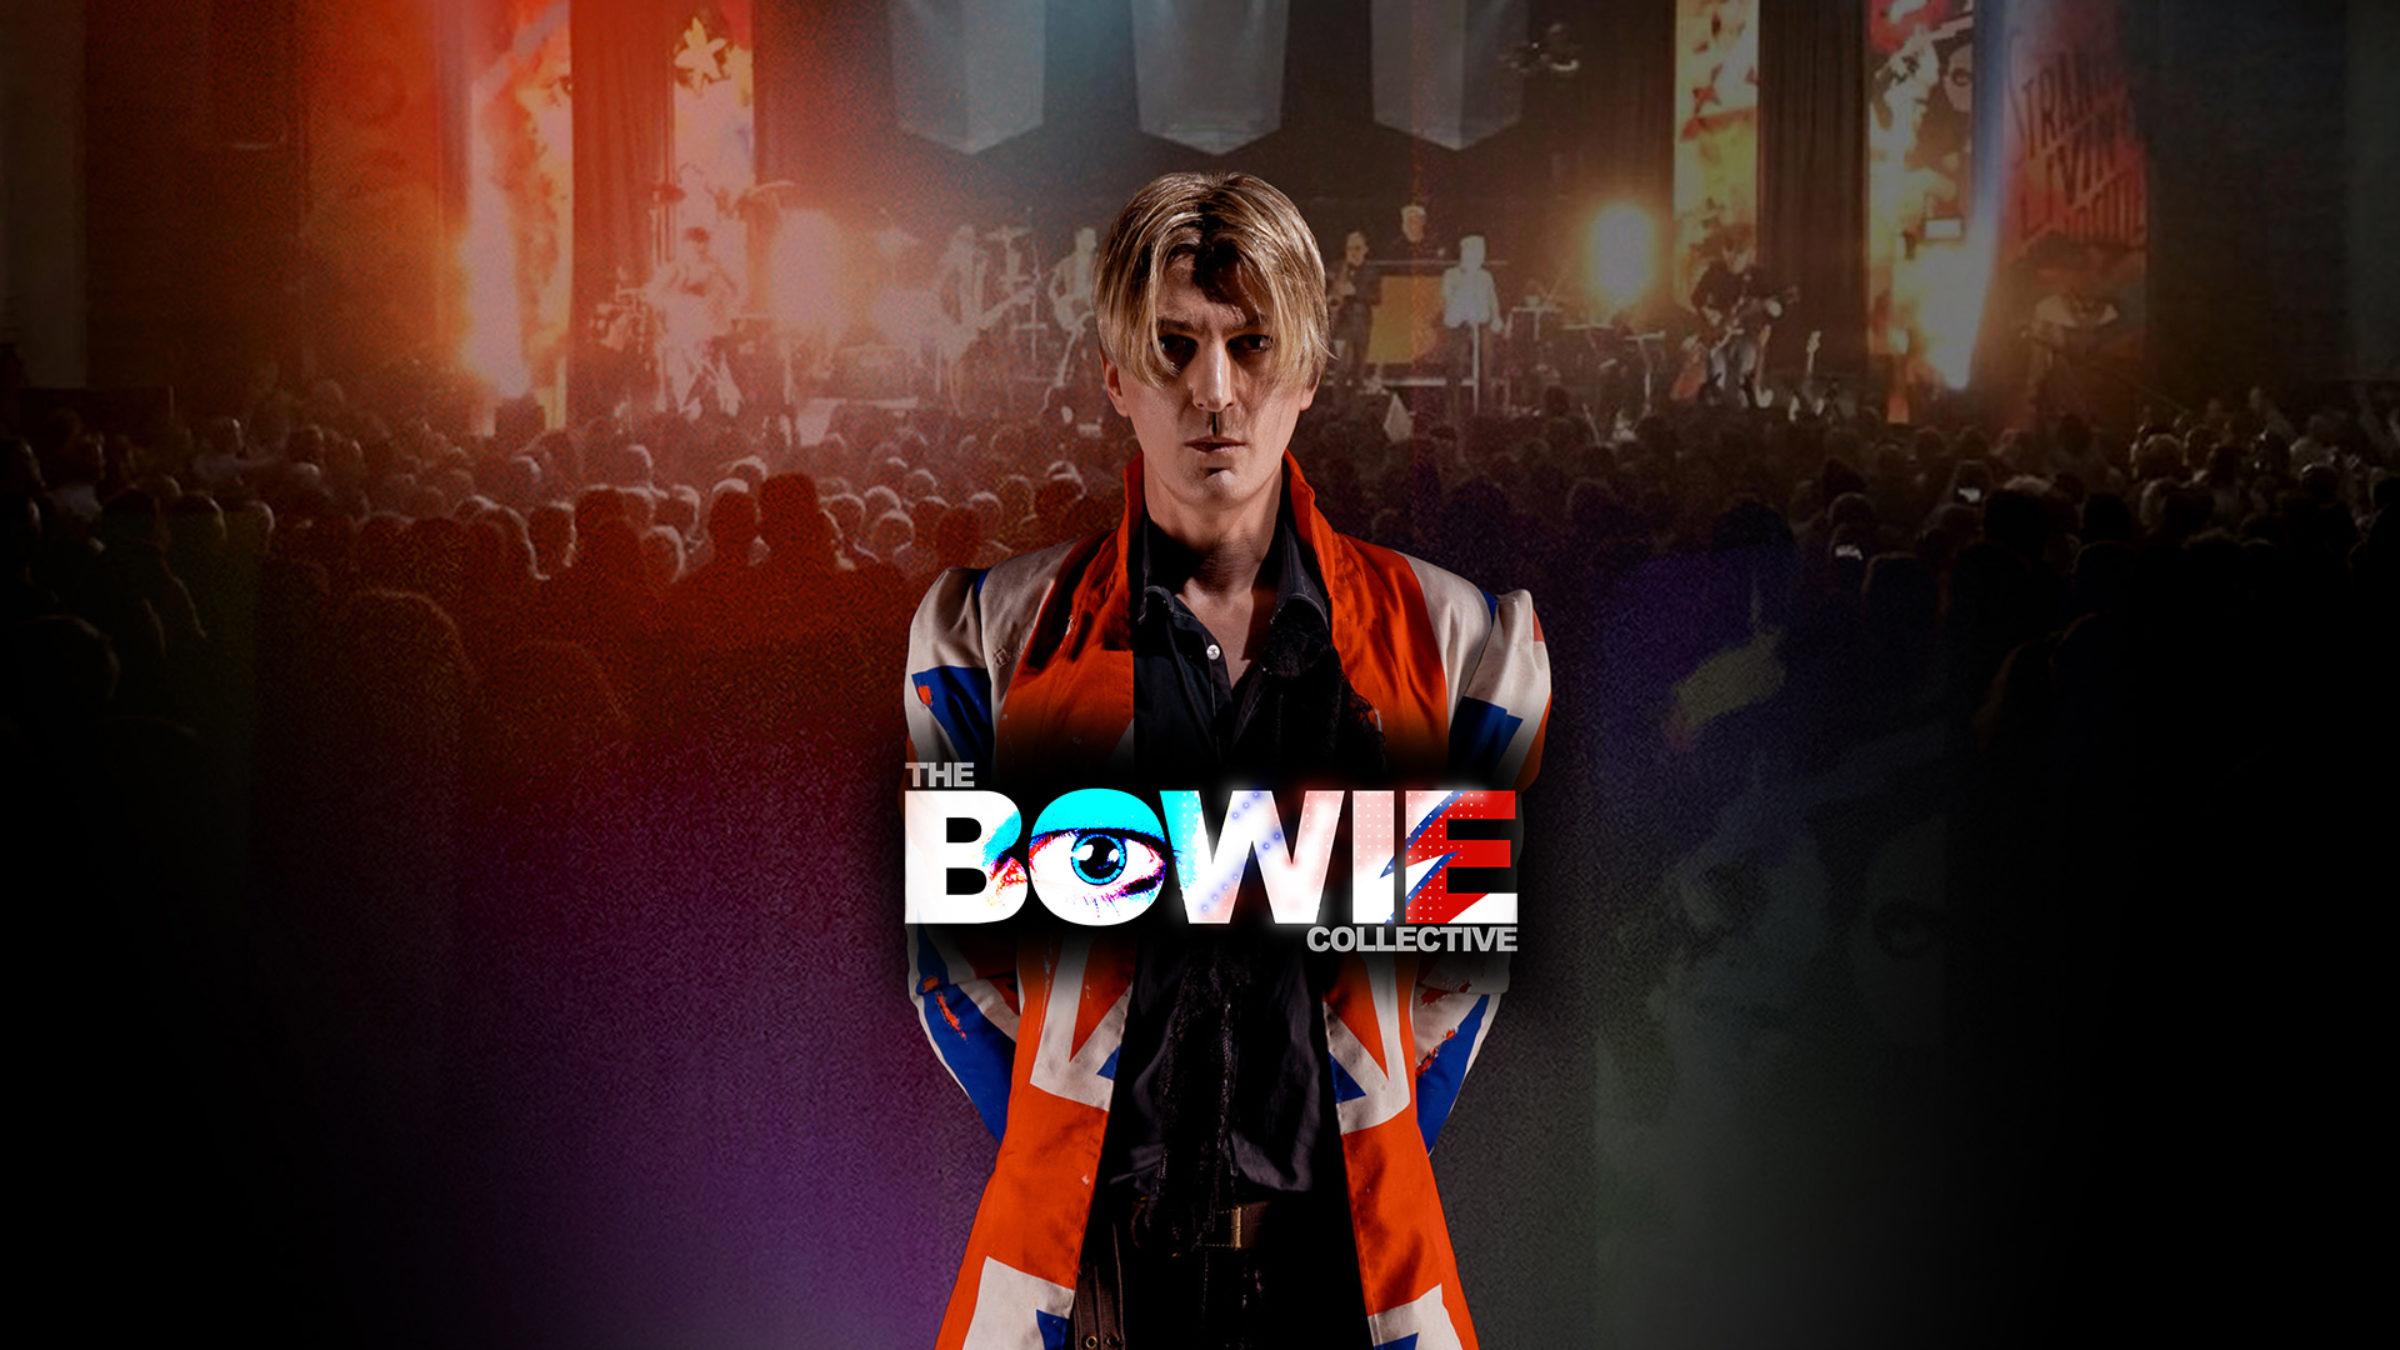 Bowie collective web 35hxtf6g7e